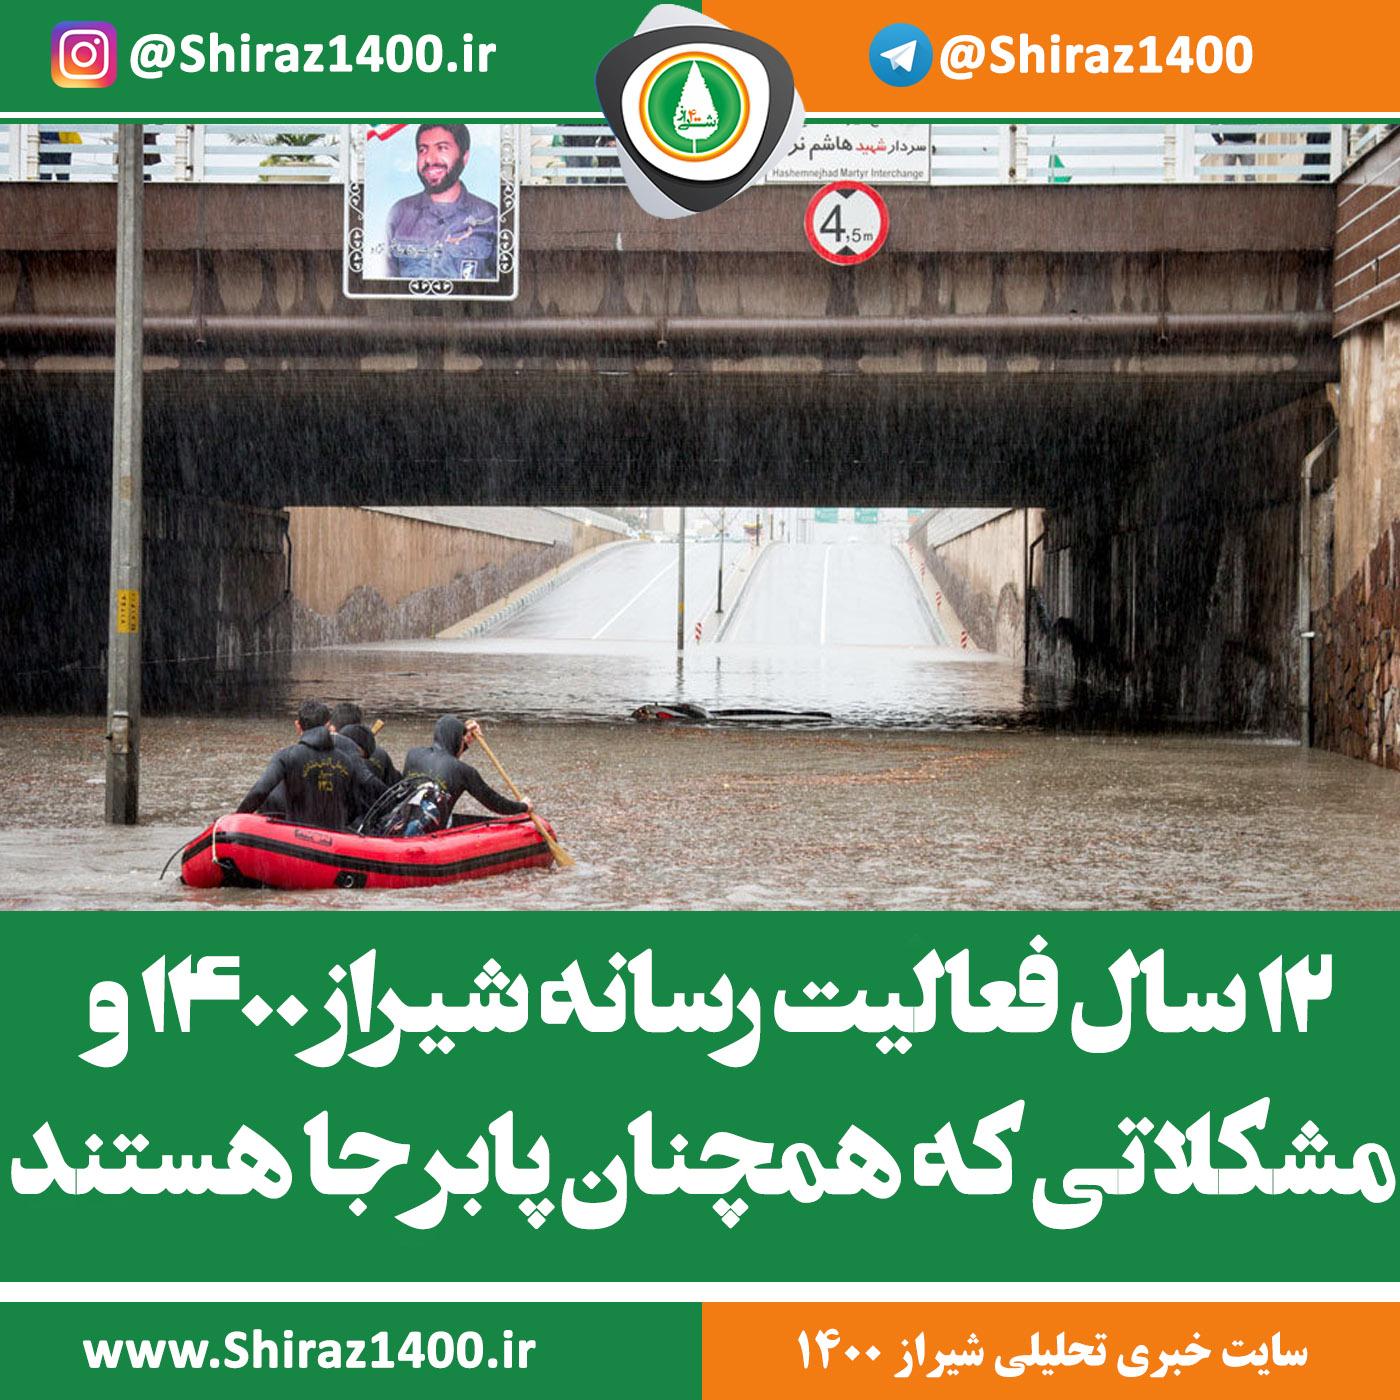 ۱۲ سال فعالیت رسانه شیراز۱۴۰۰ و مشکلاتی که همچنان پابرجا هستند